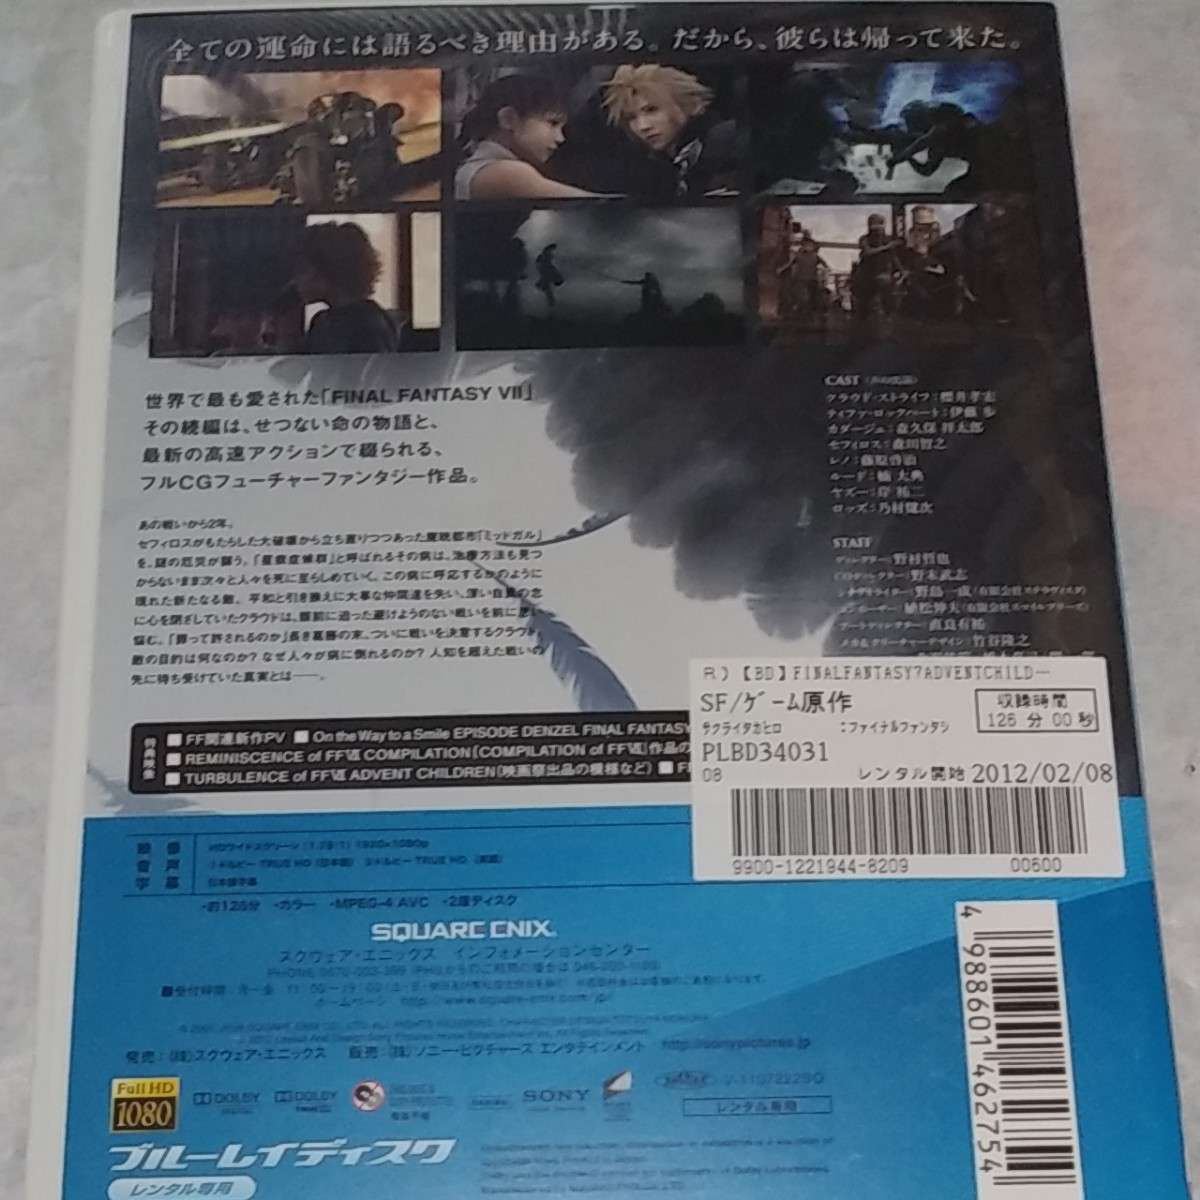 レンタル落ち ブルーレイ Blu-ray Disc FINAL FANTASY VII ADVENT CHILDREN